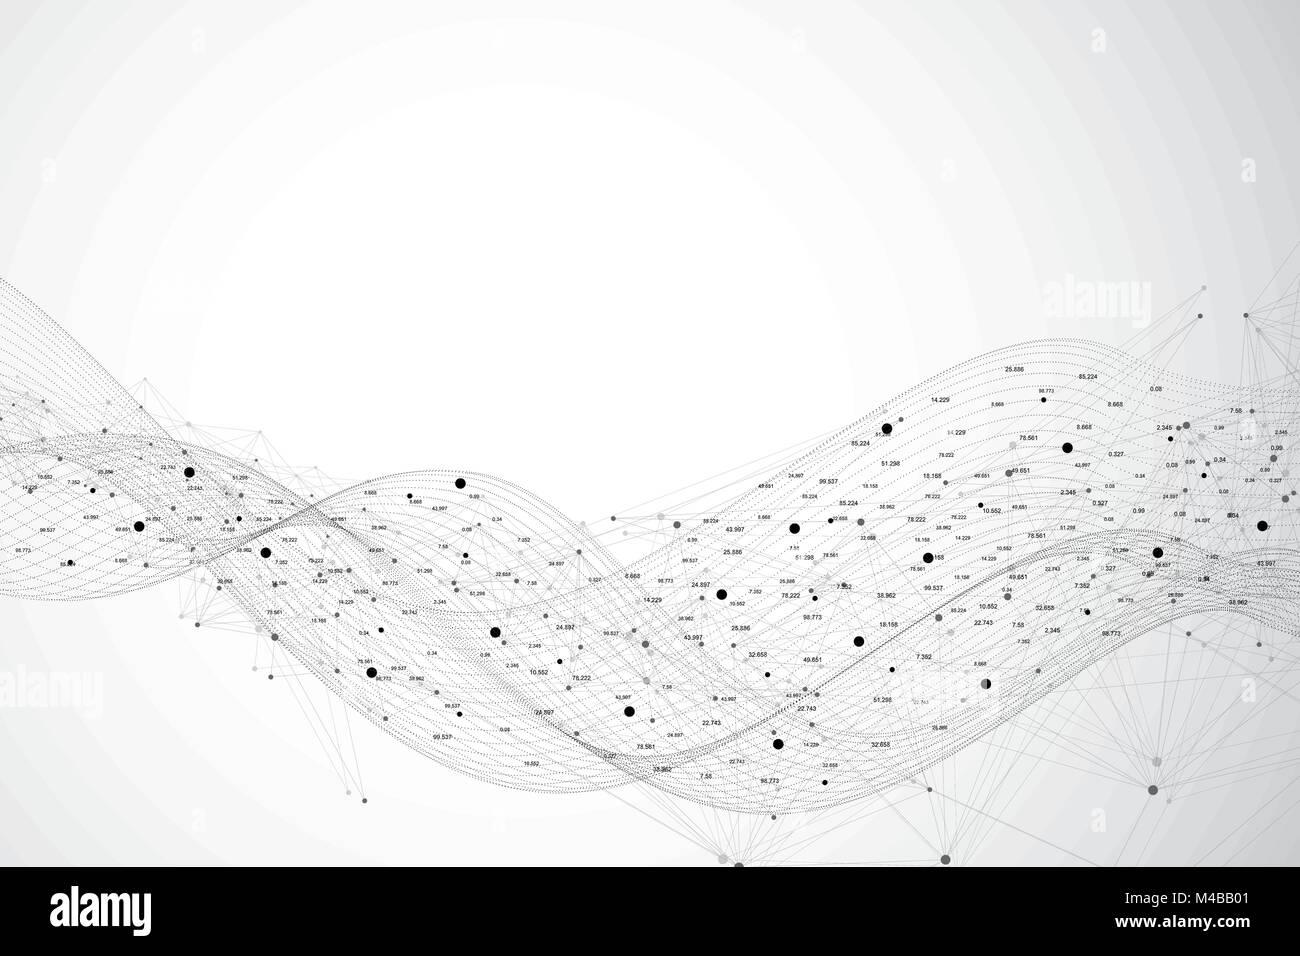 Résumé Contexte La communication graphique. Big la visualisation de données. Toile de perspective avec lignes et Illustration de Vecteur